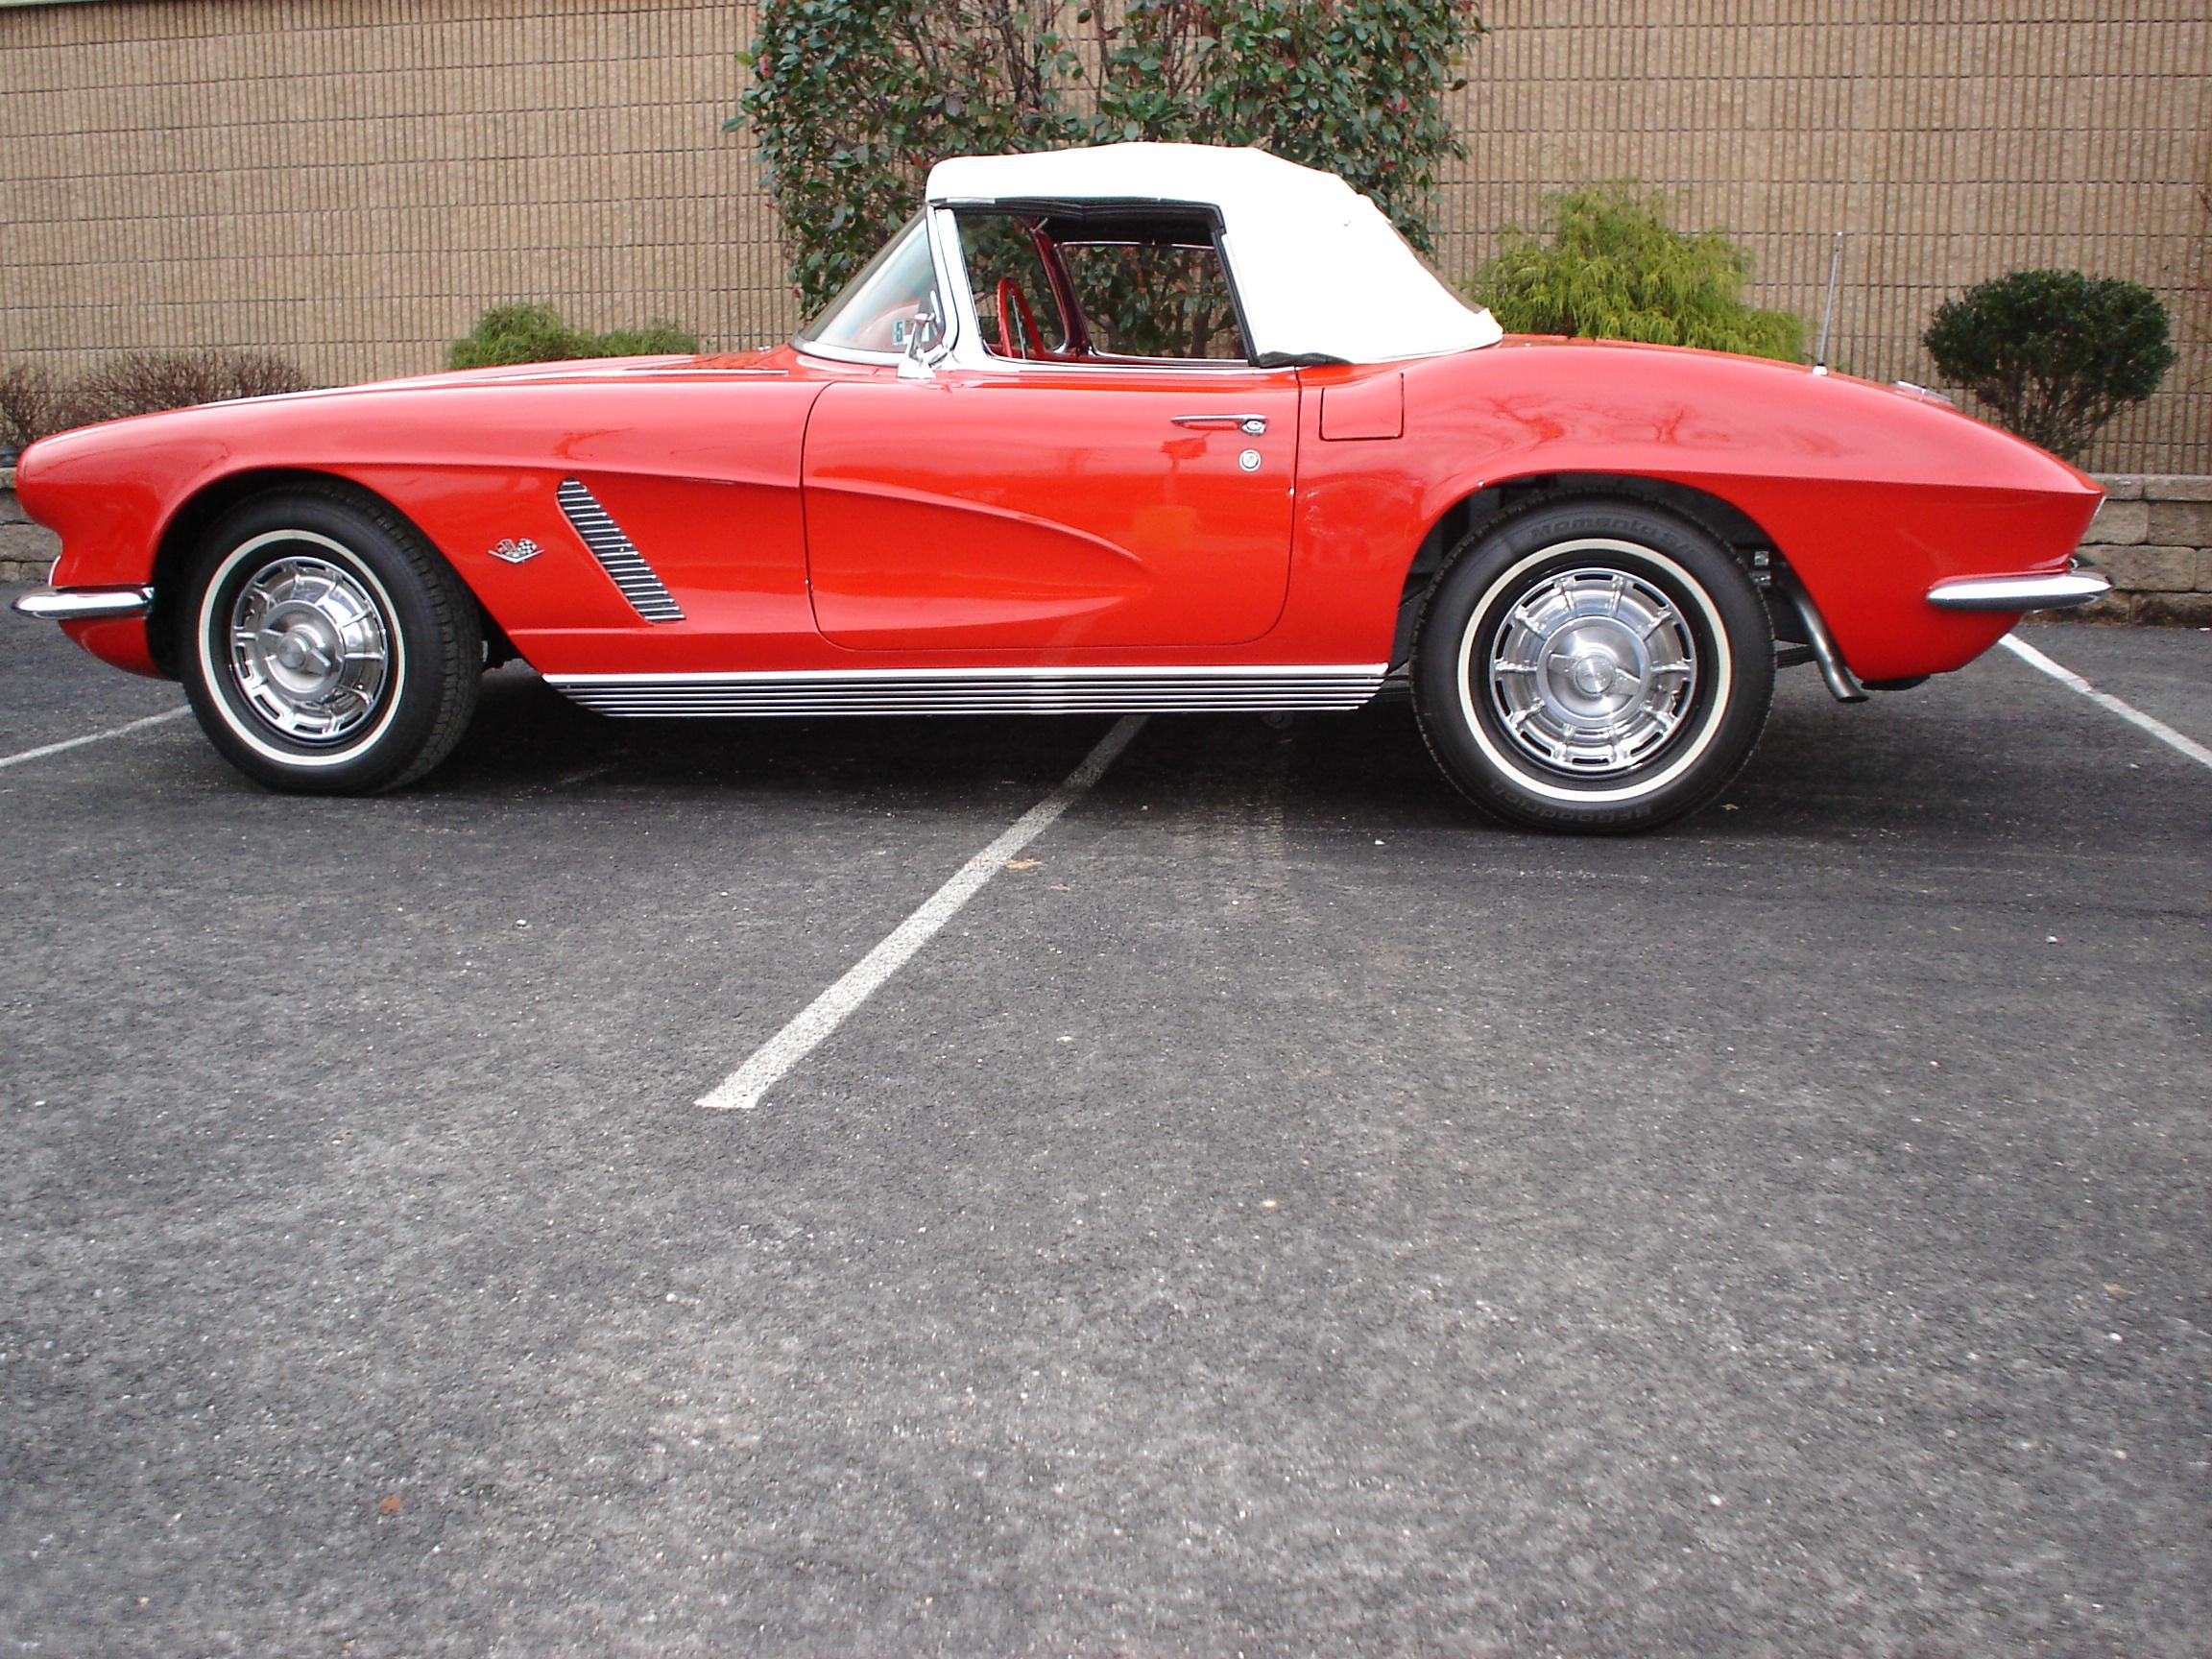 Corvette For Sale >> 62 Corvette | JJV Customs